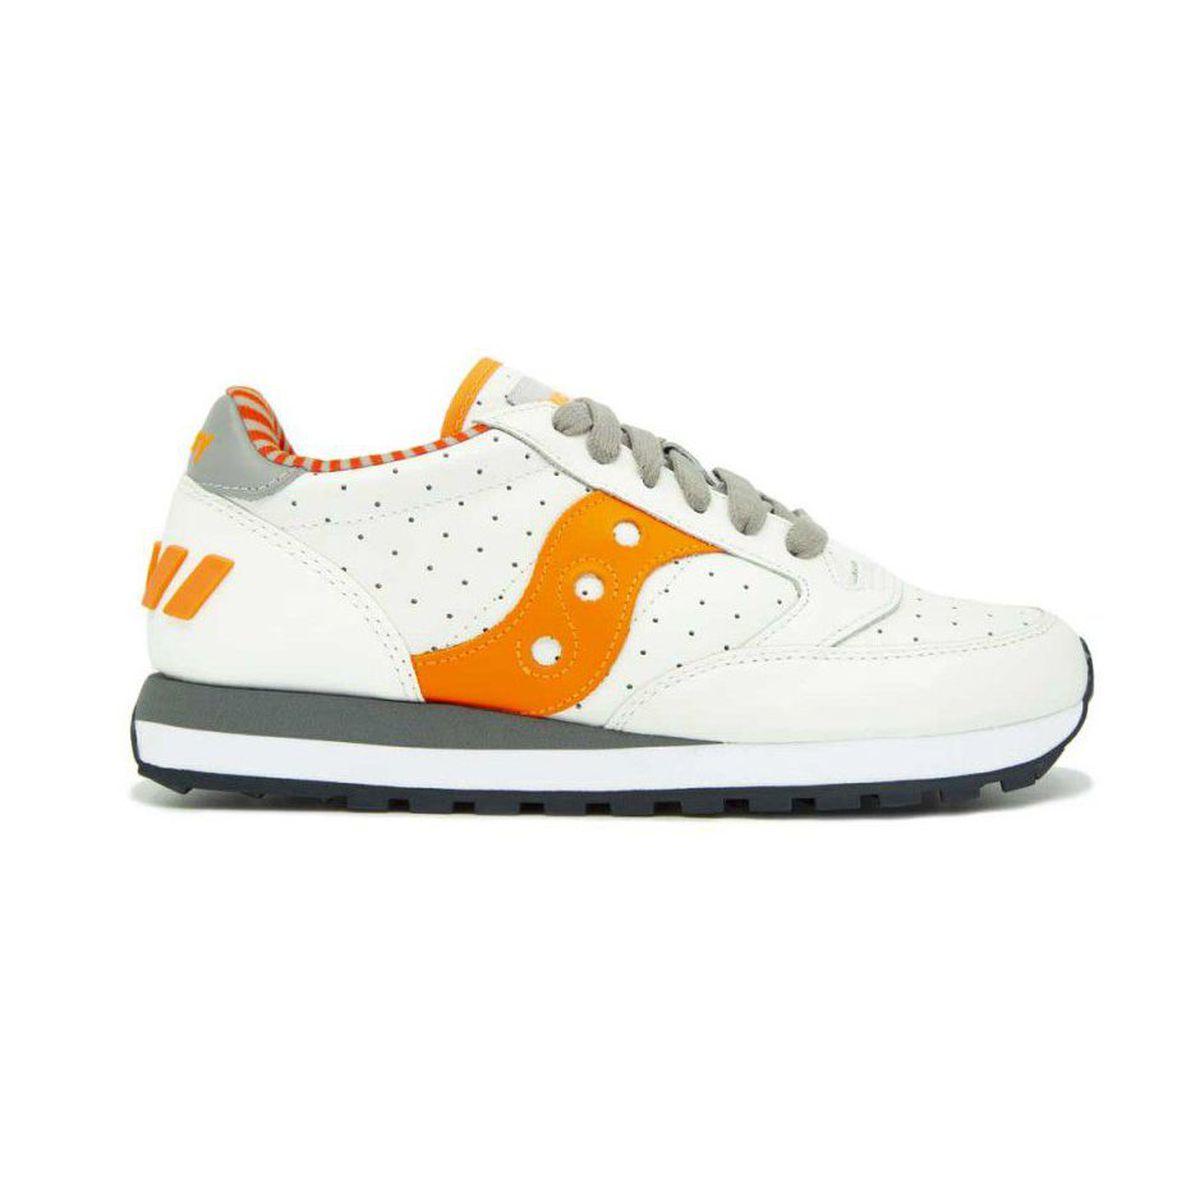 Jazz leather sneakers White / orange Saucony